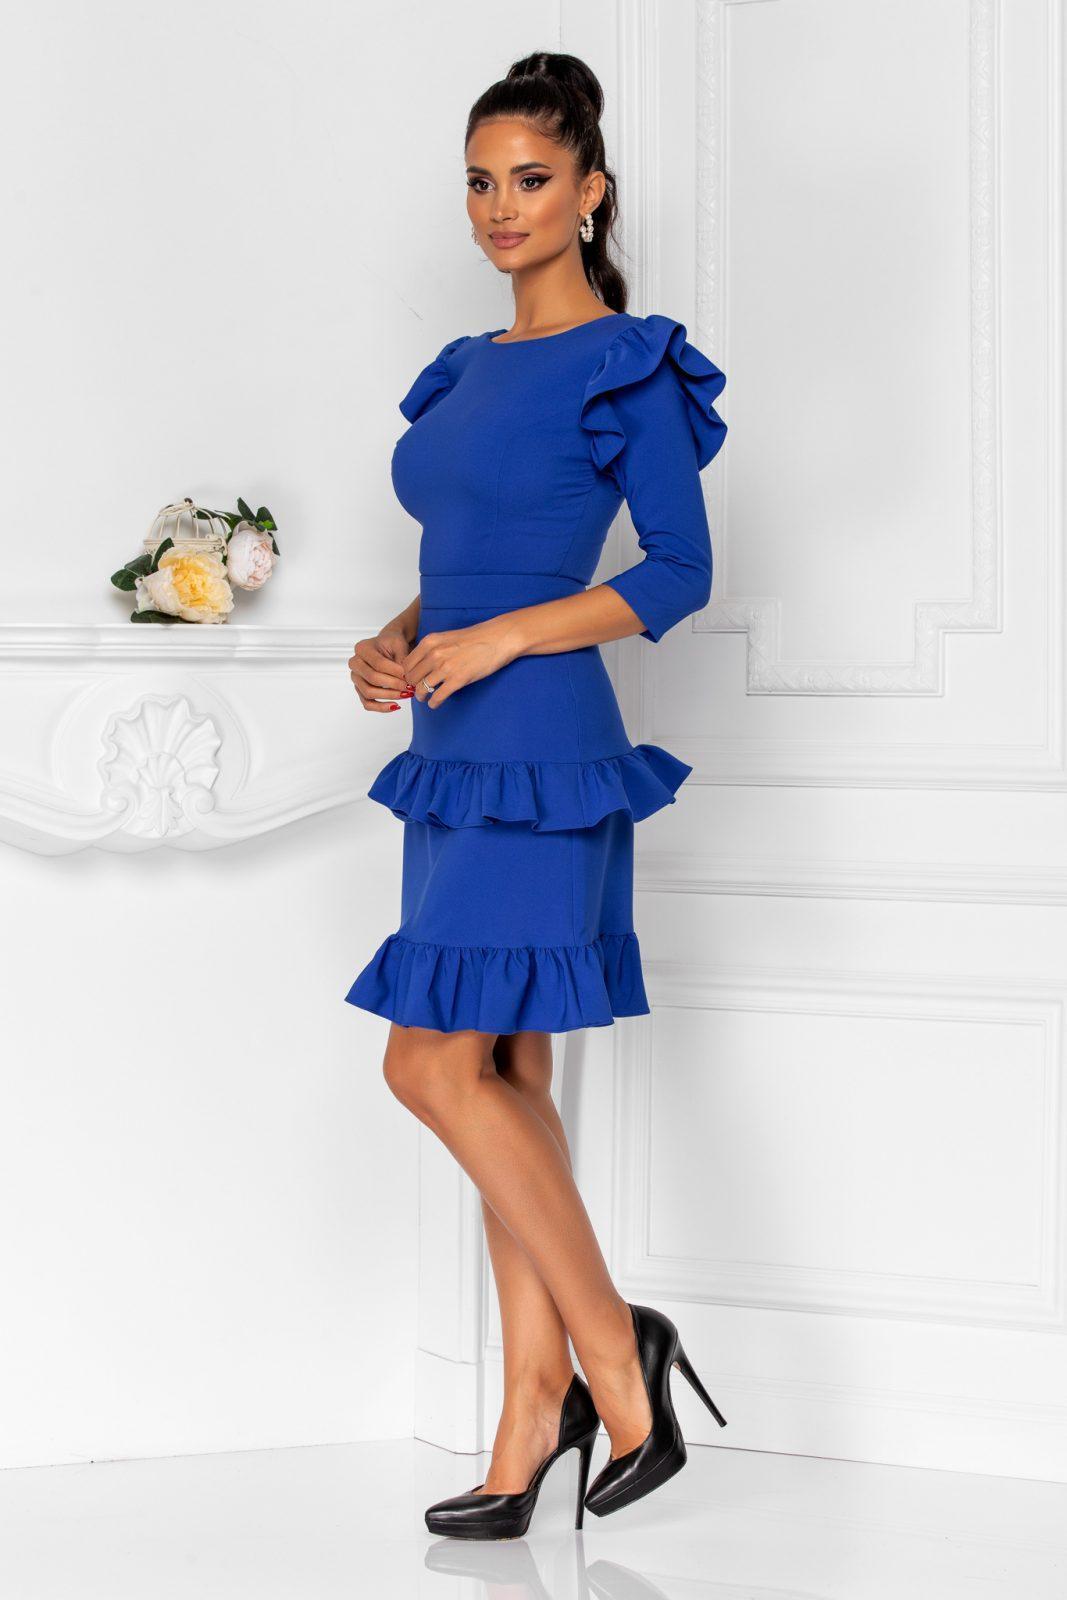 Μπλε Φόρεμα Με Βολάν Joleen 8362 2